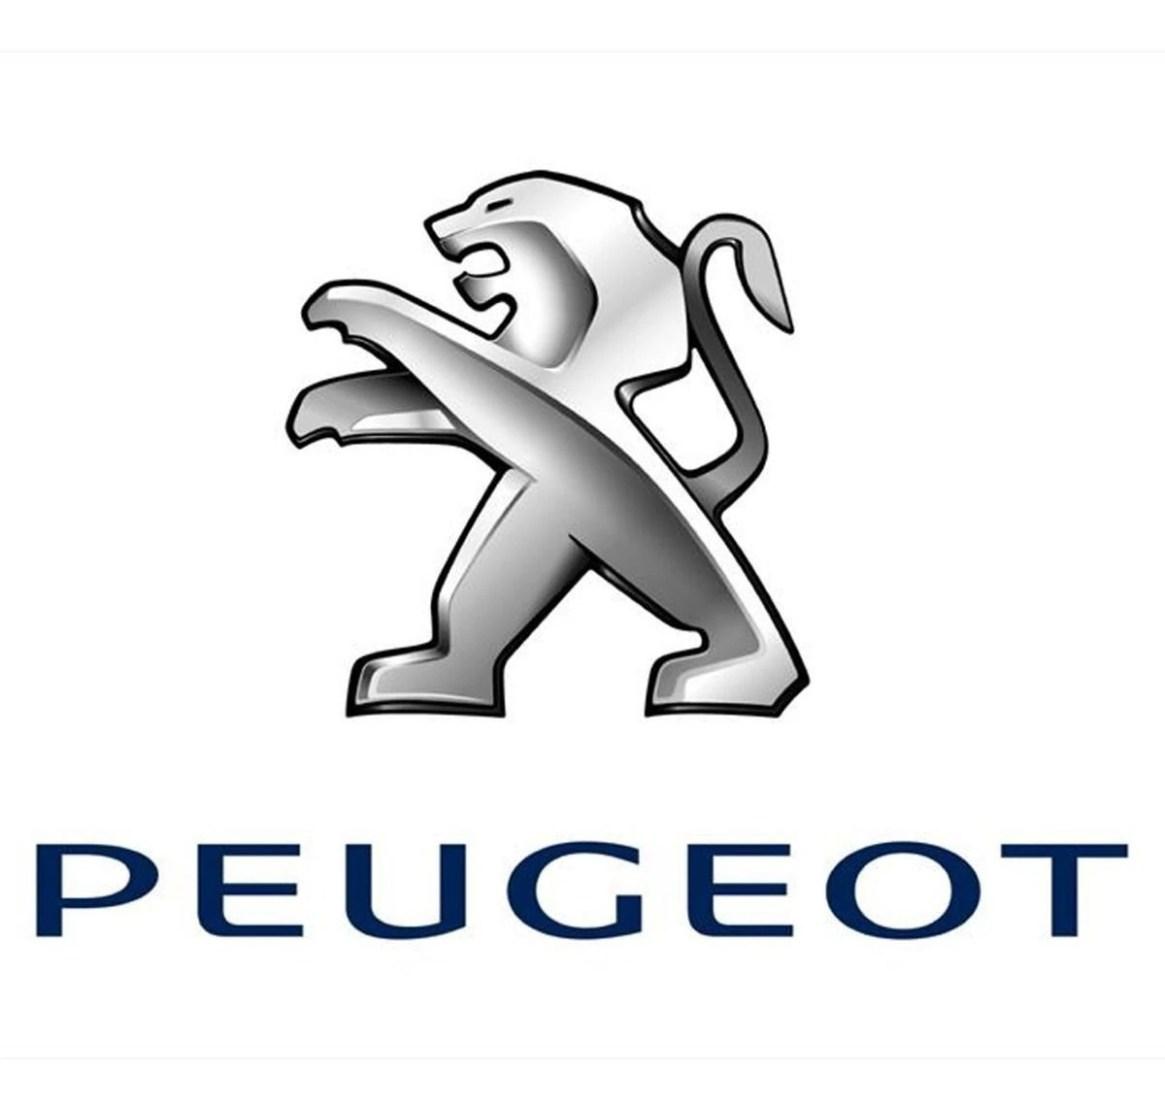 (Peugeot, Citroën, DS Automobiles, Opel, Vauxhall)